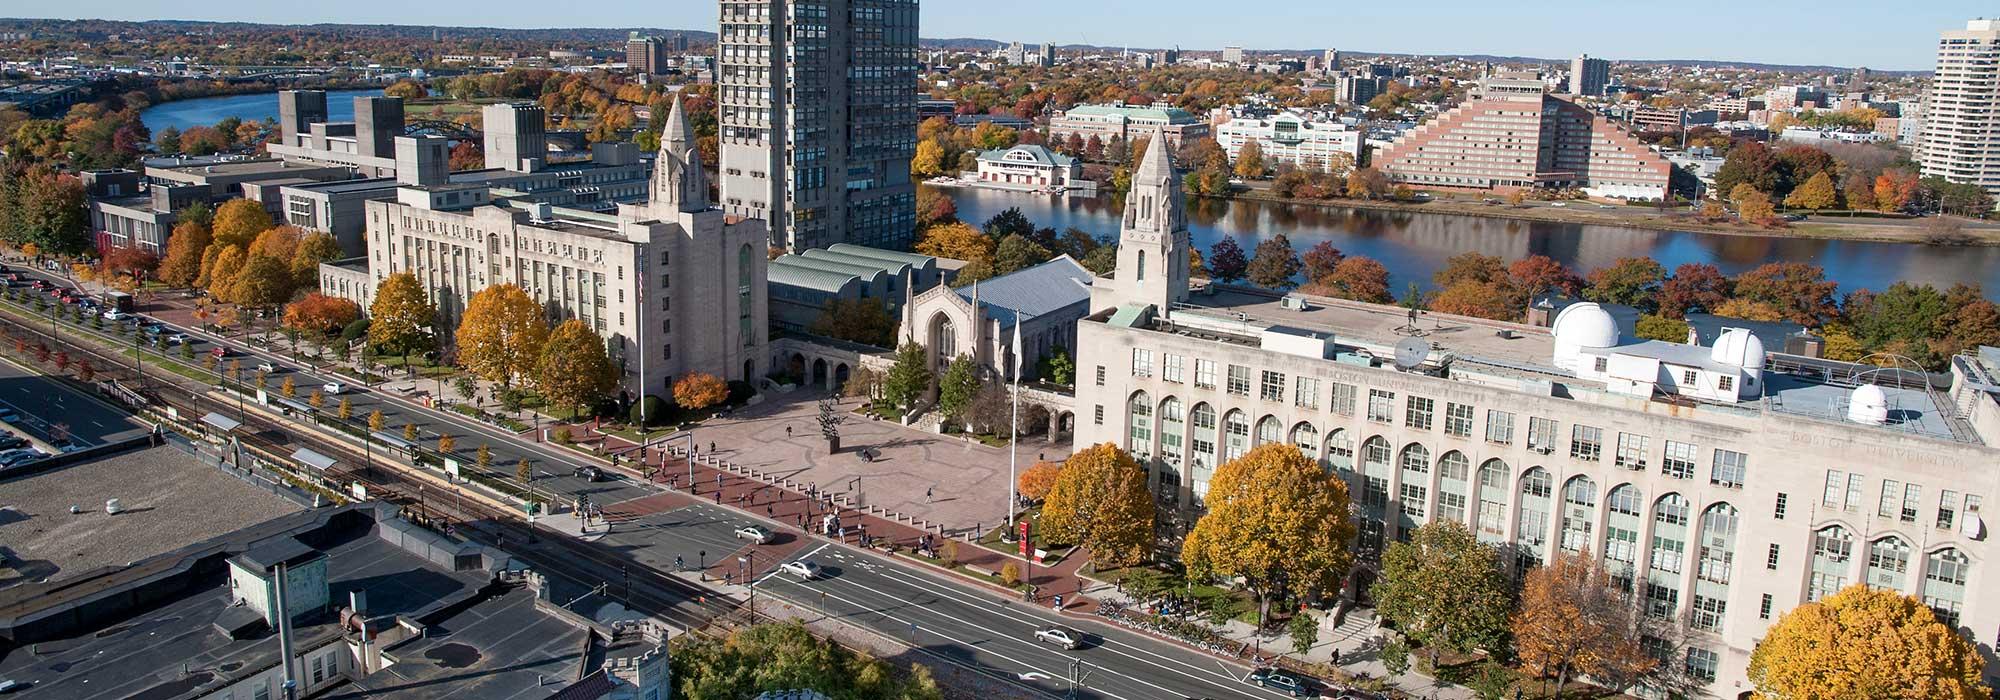 banner-campus.jpg